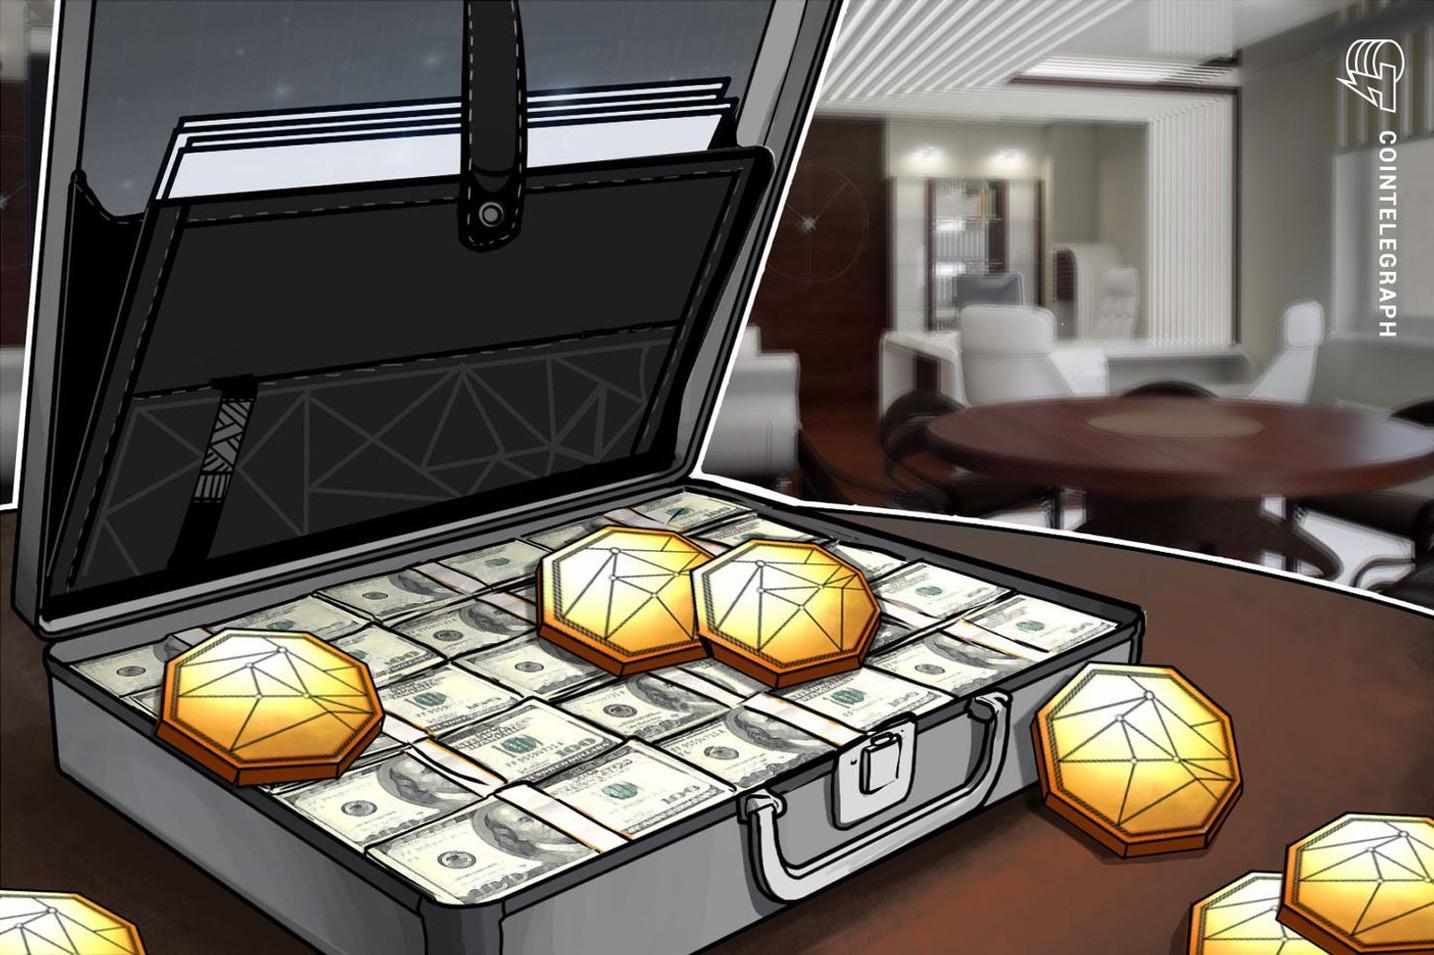 ビットコイン1000万円分搾取 仮想通貨の特殊詐欺事件として日本初=共同